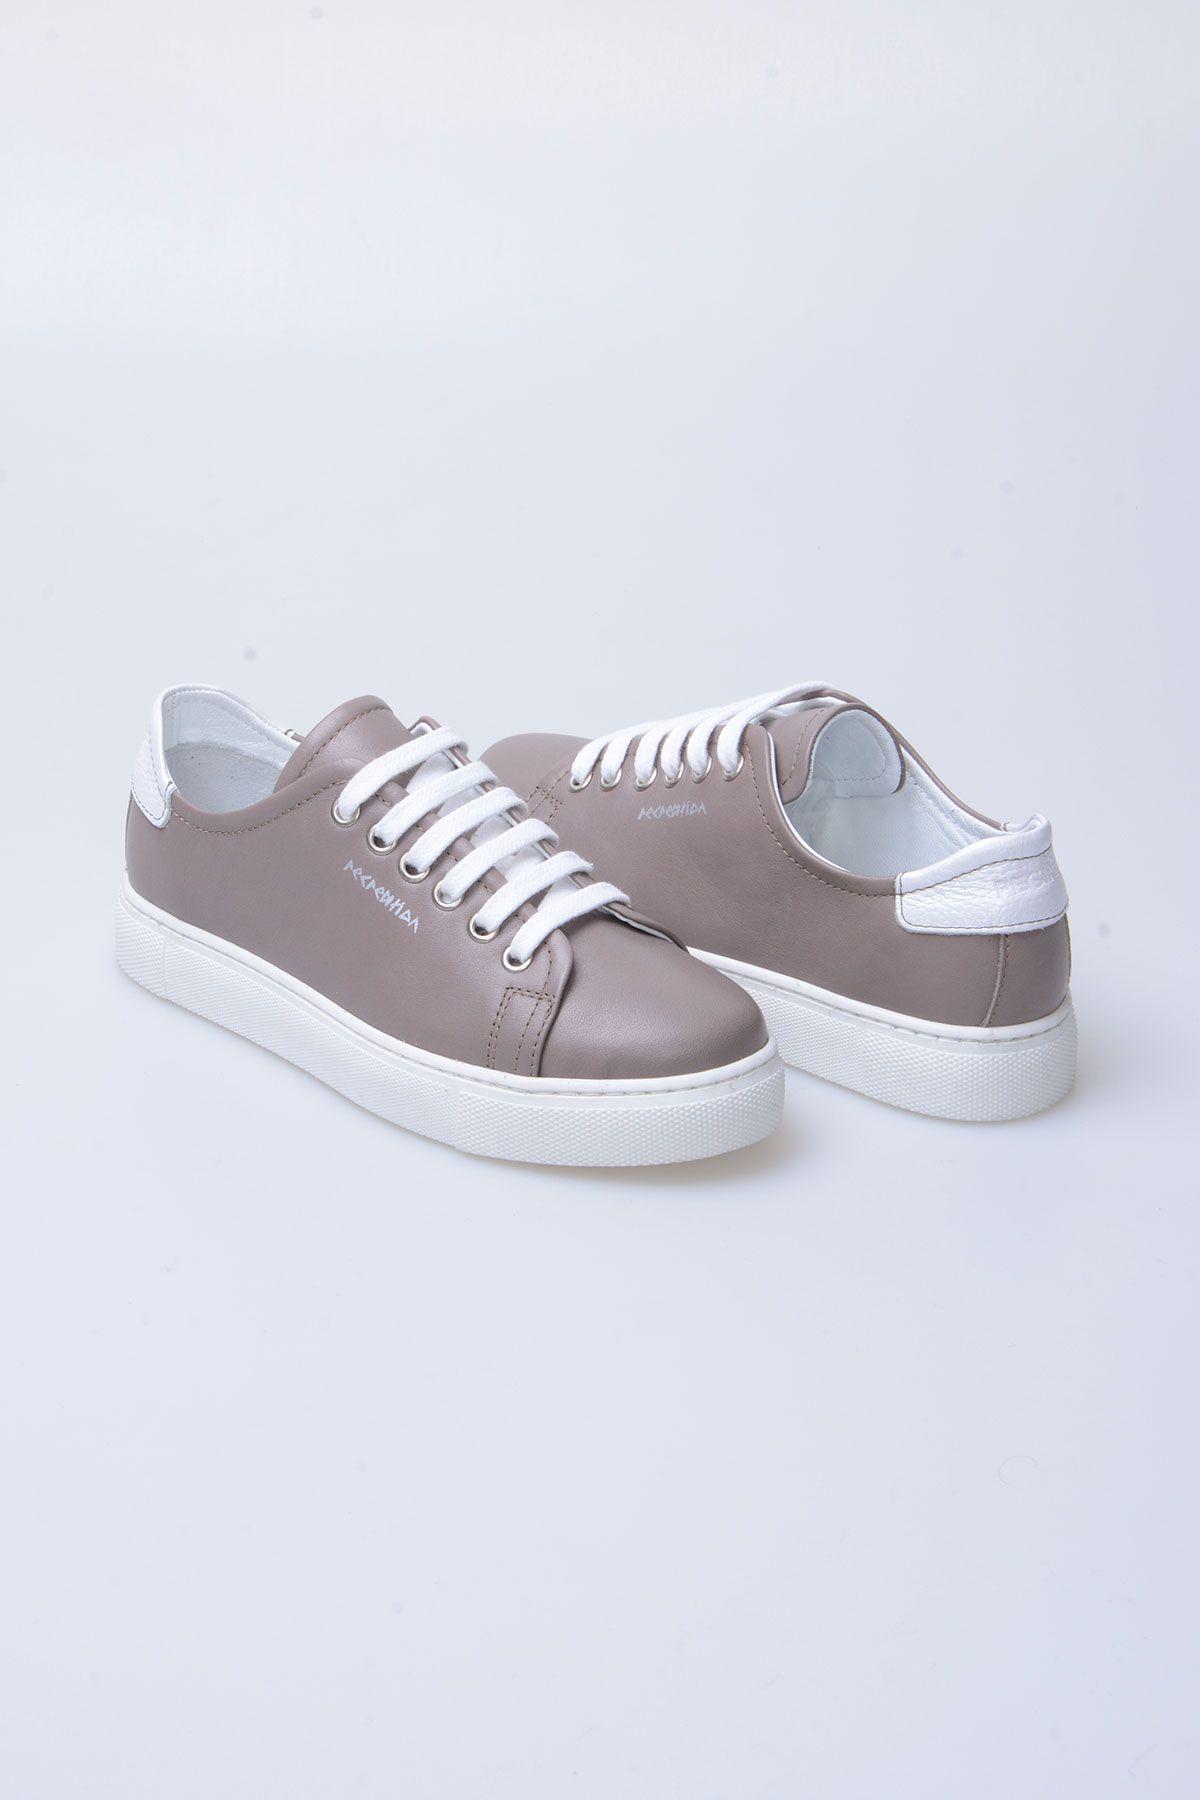 Pegia Recreation Hakiki Deri Bayan Sneaker 19REC201 Vizon